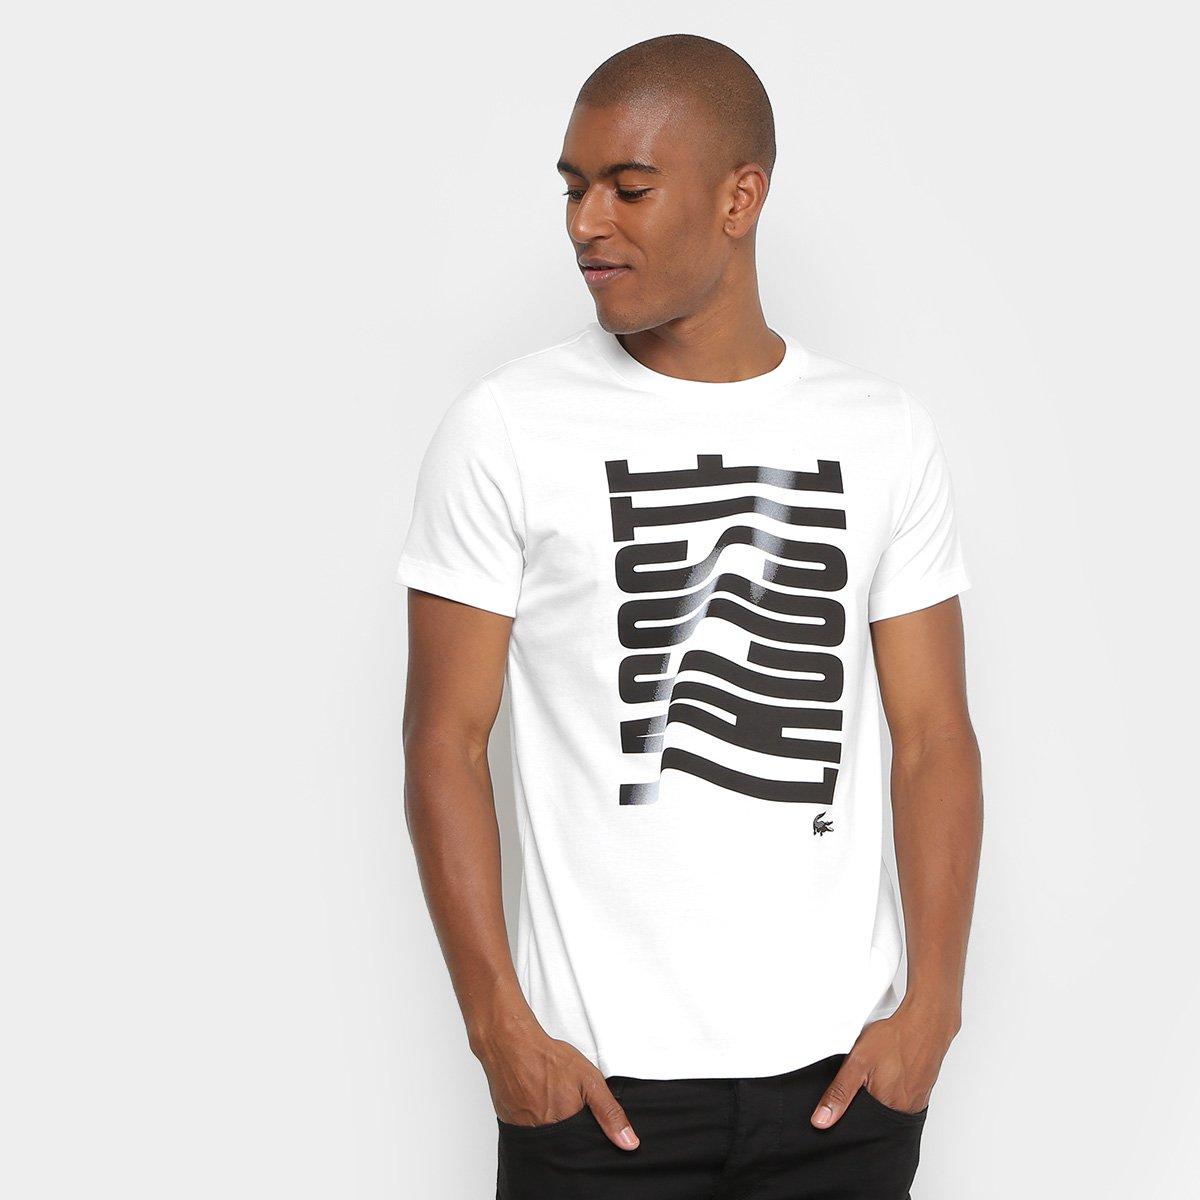 b7344028013 Camiseta Lacoste Logo Masculina - Compre Agora